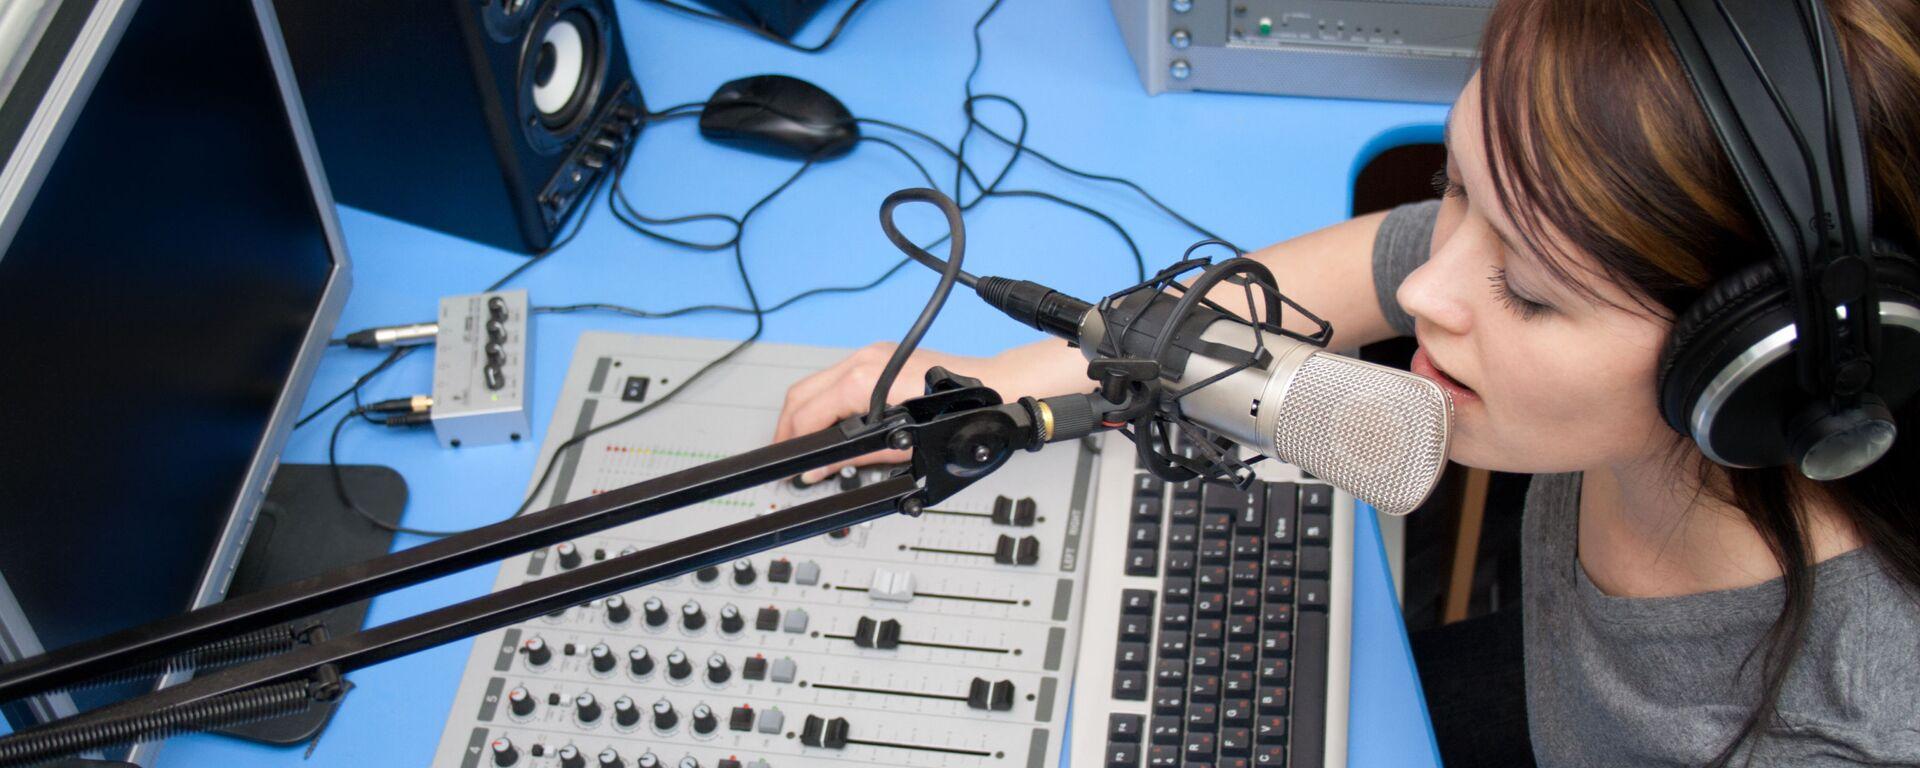 Radio - Sputnik Polska, 1920, 05.07.2021